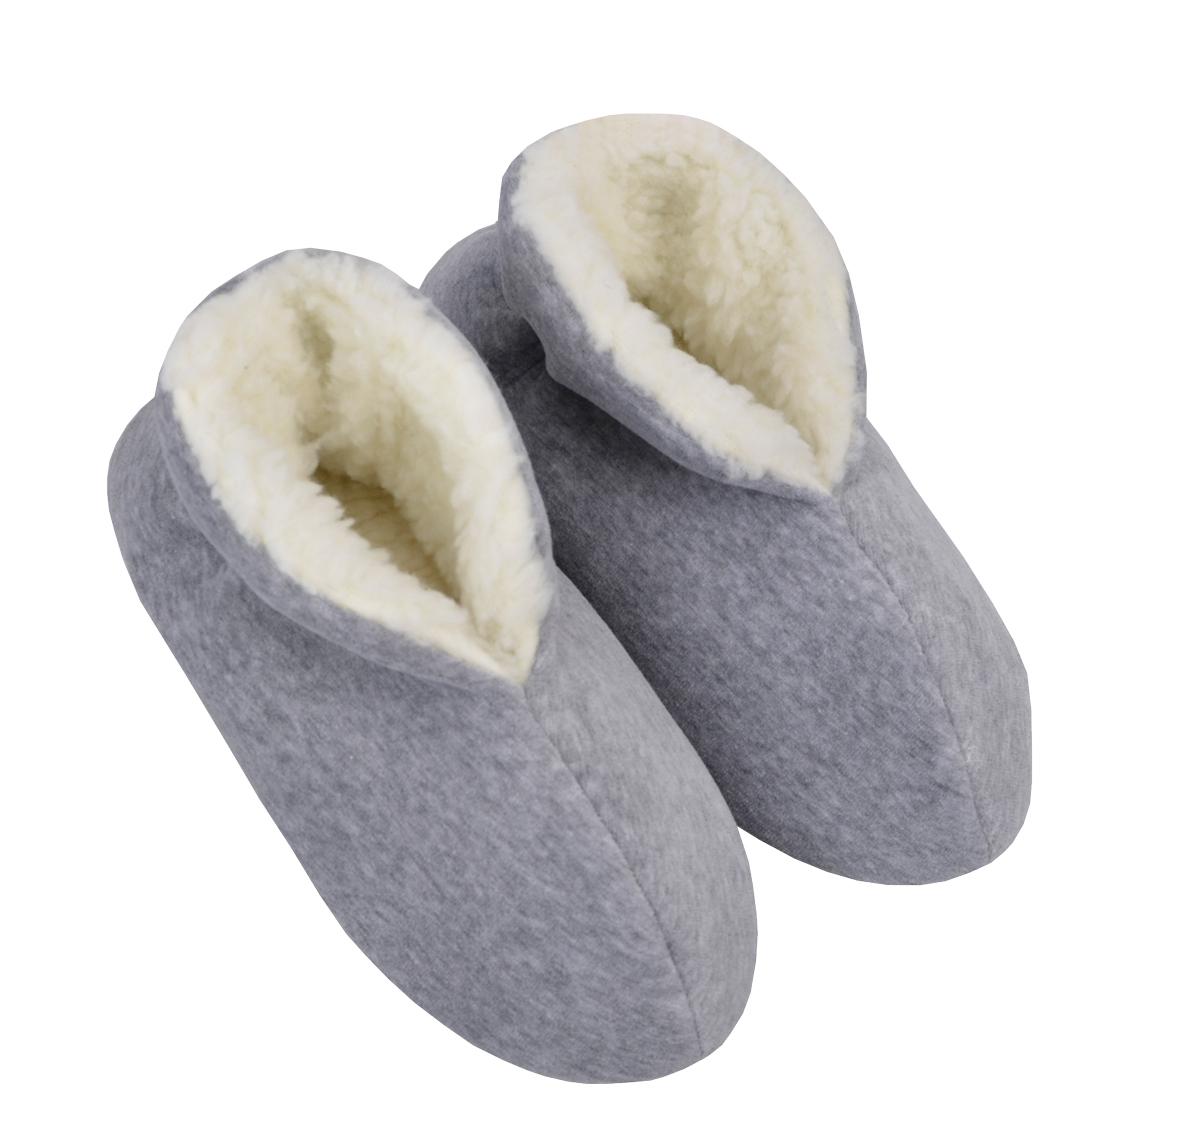 Pantufa Feminina Vairelli Inverno em Plush XE Super Quentinha e Confortável